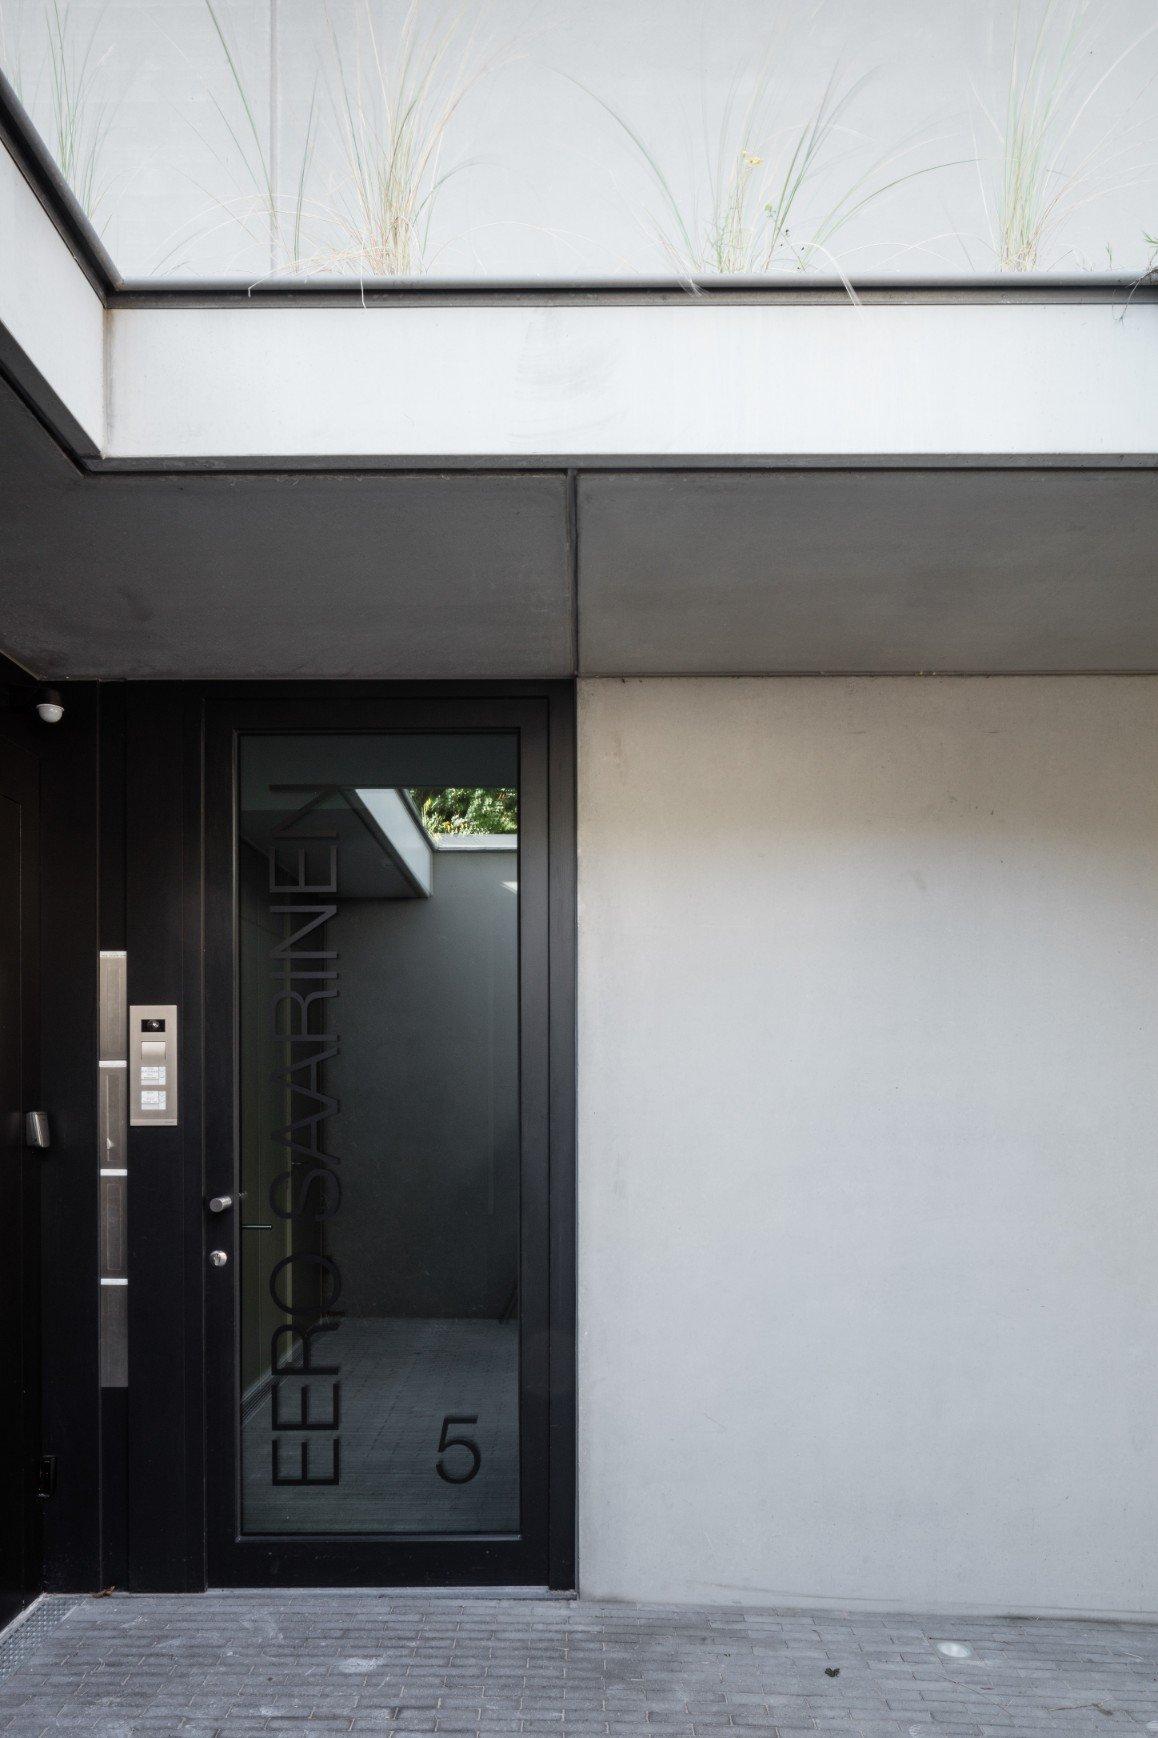 Rietveldprojects-saarinen-appartement-design-architectuur-kust-tvdv7